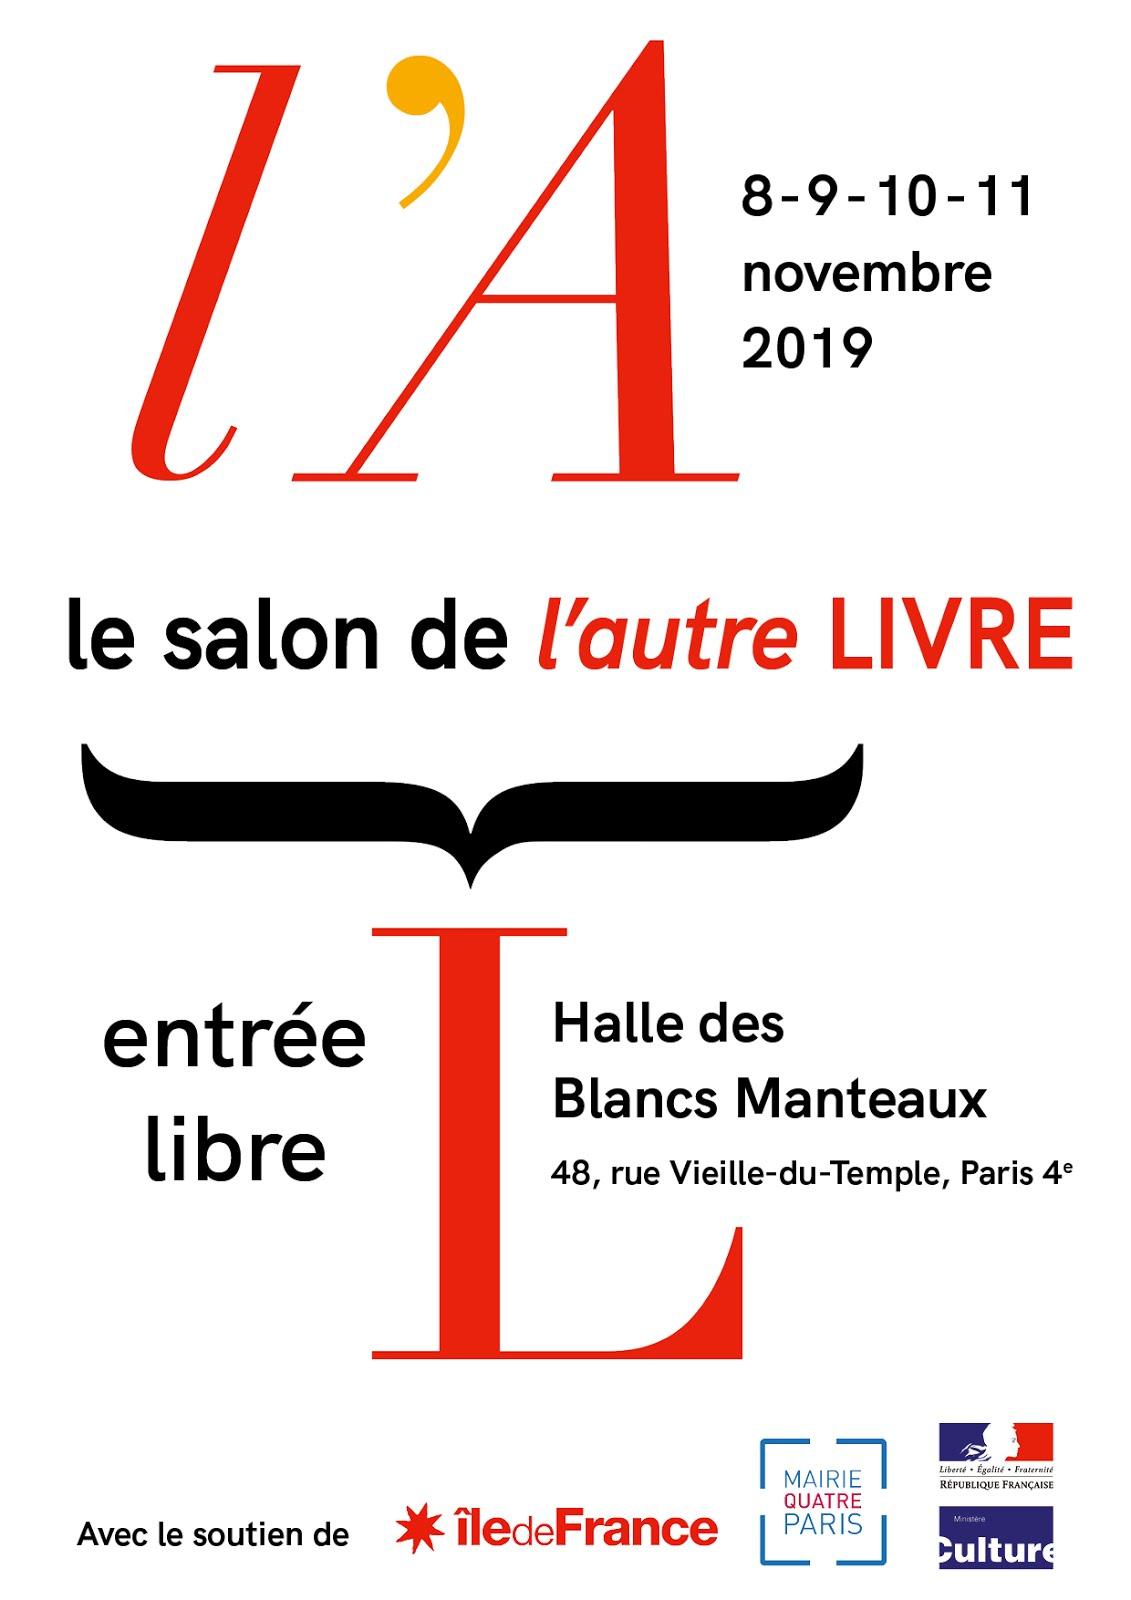 SALON de L'AUTRE LIVRE, HALLE DES BLANCS MANTEAUX PARIS 4EME DU 8 AU 11 NOVEMBRE 2019